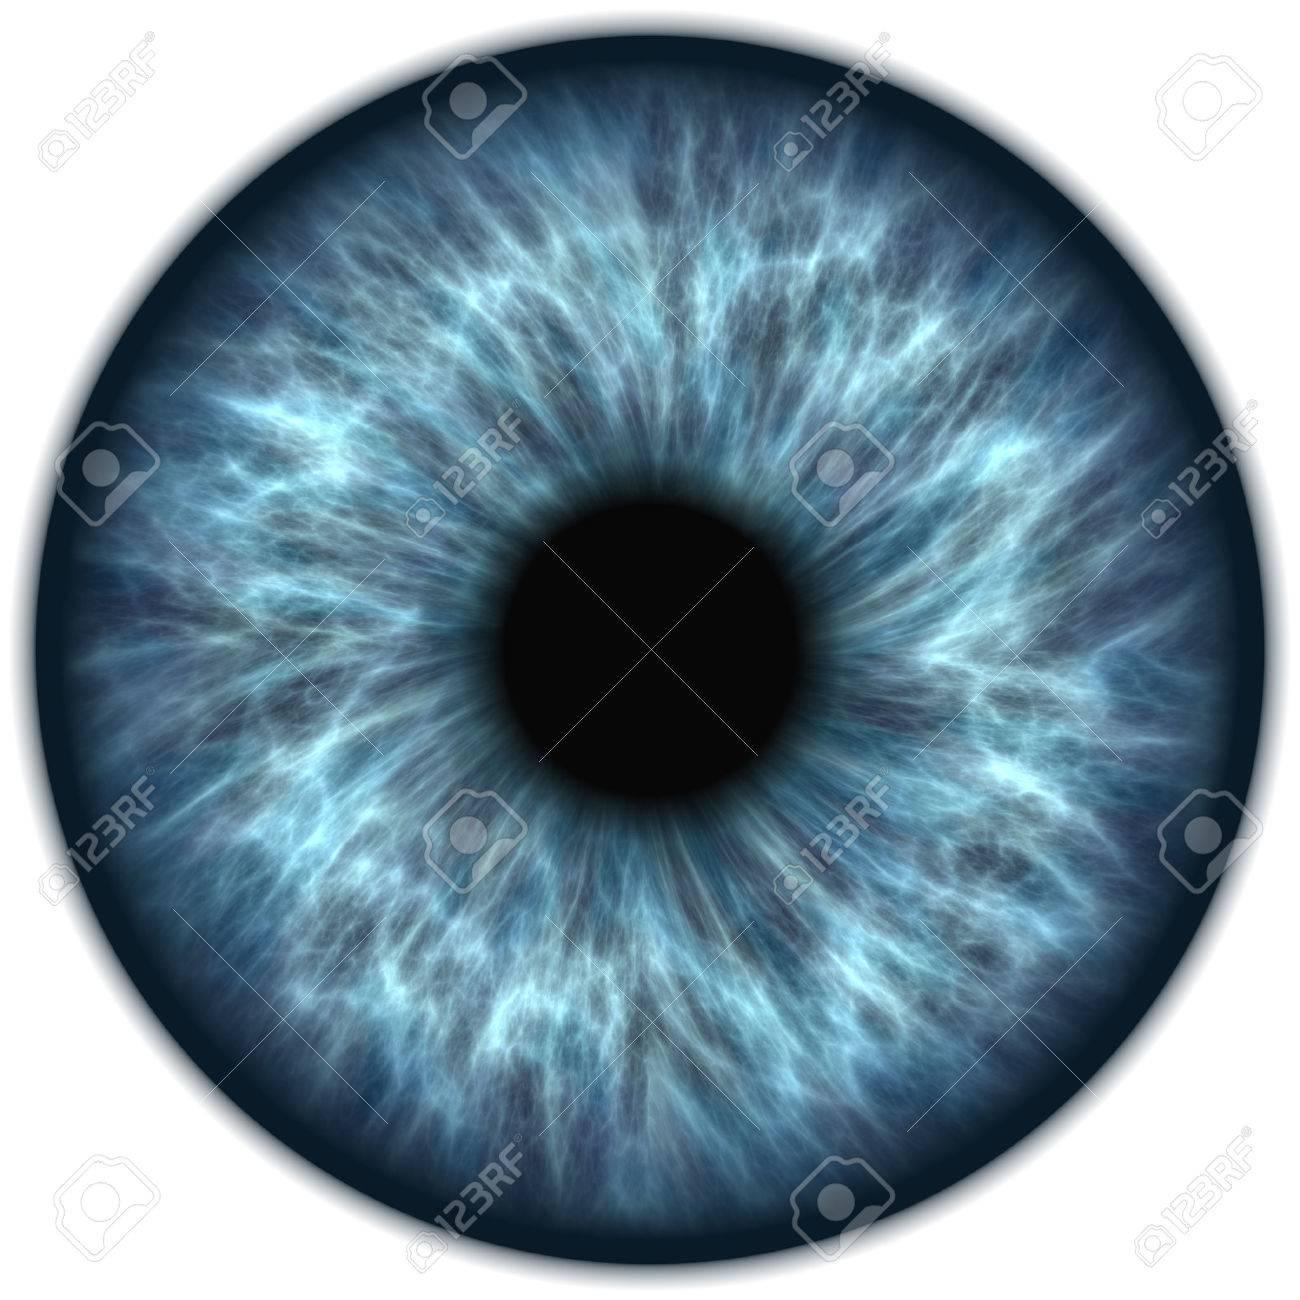 blue iris - 50532184